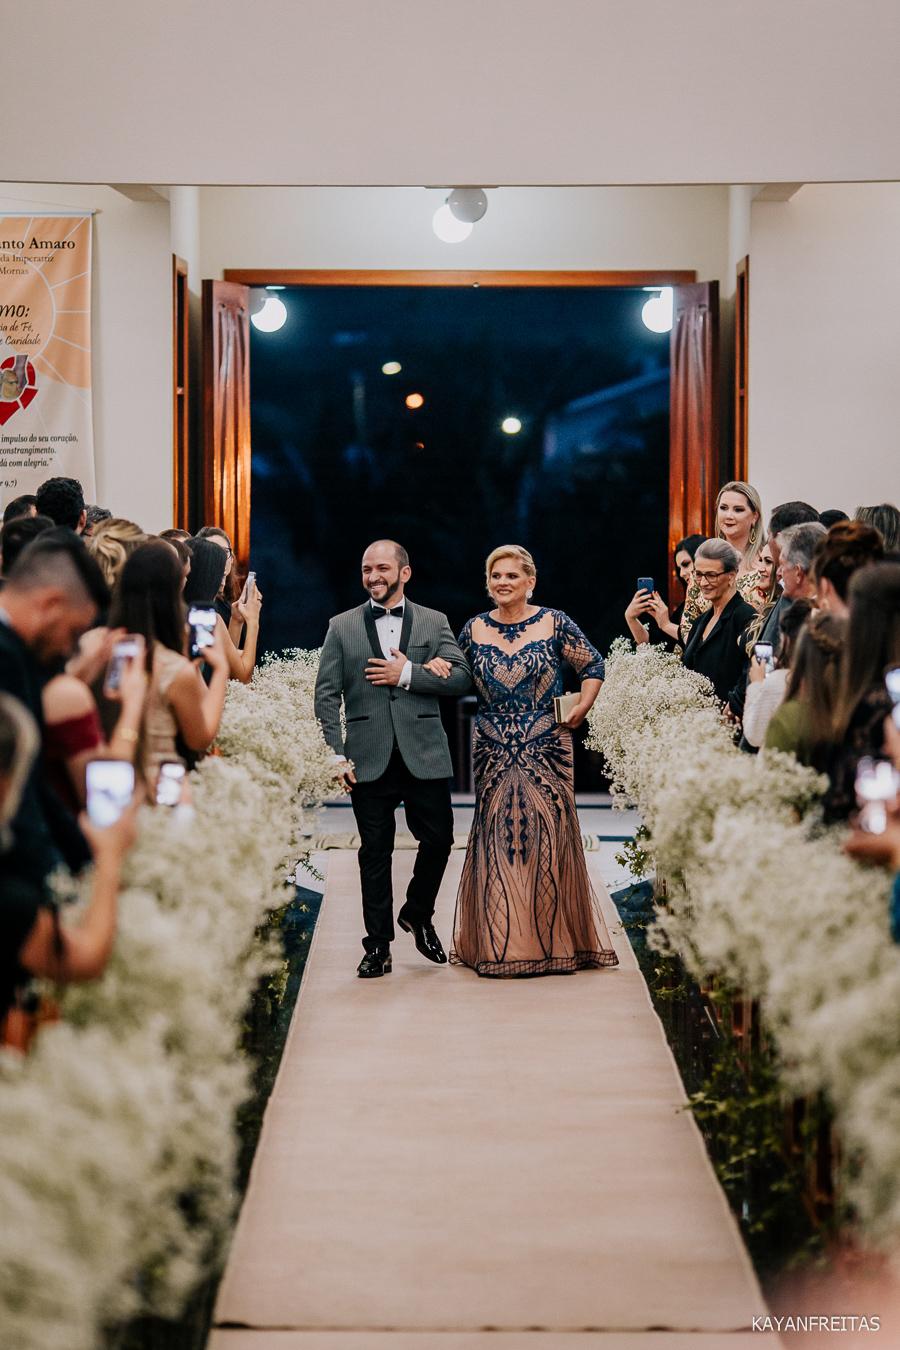 fotografo-casamento-santoamaro-daidiogo-0038 Casamento Daiara e Diogo - Santo Amaro da Imperatriz